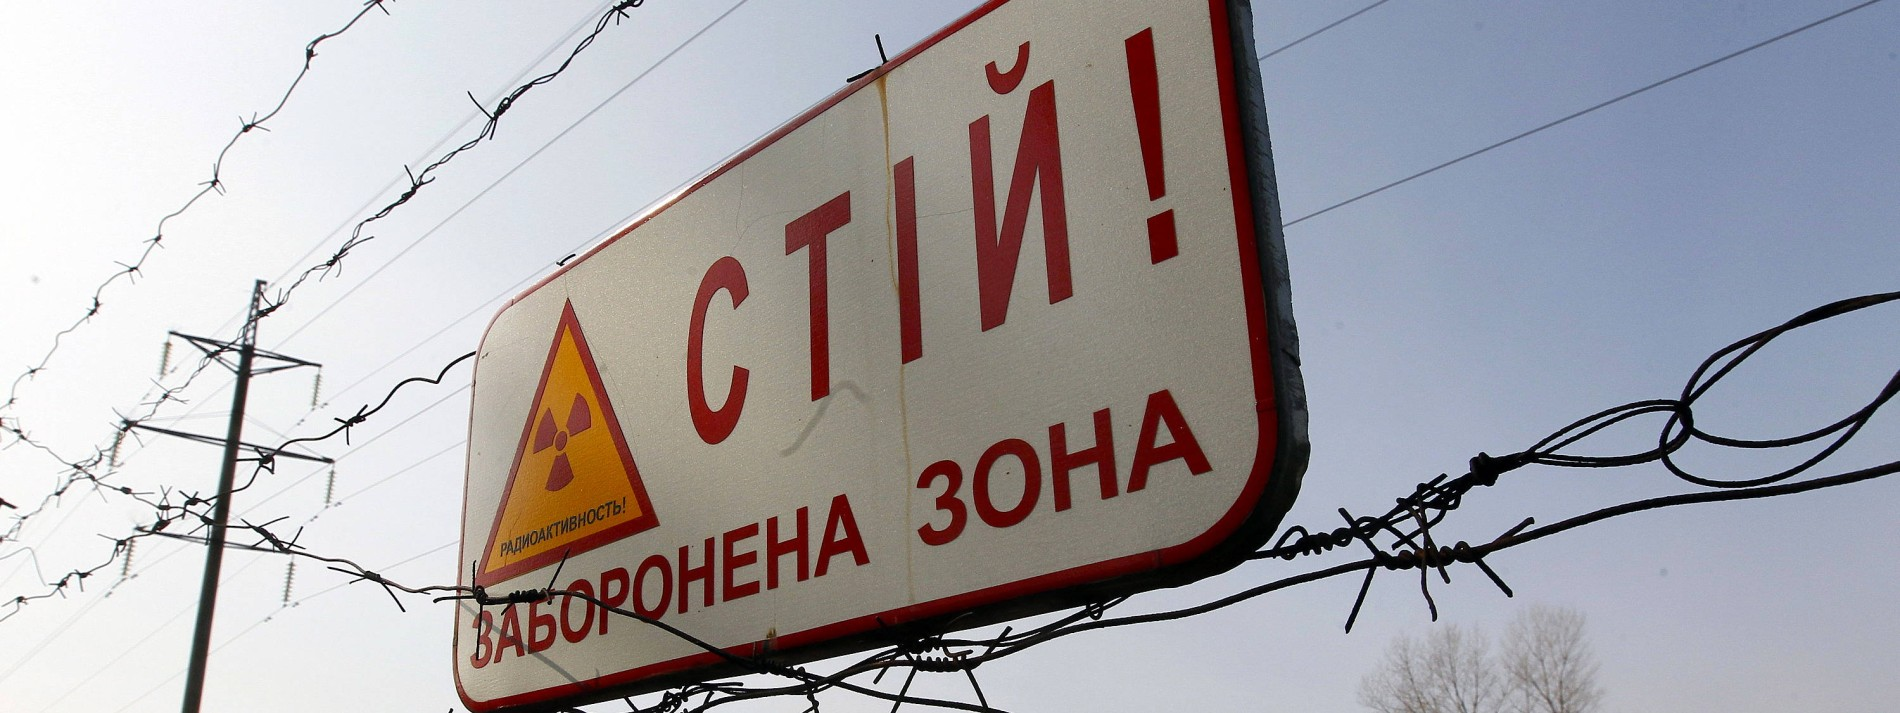 Kraftwerk Tschernobyl seit 20 Jahren stillgelegt